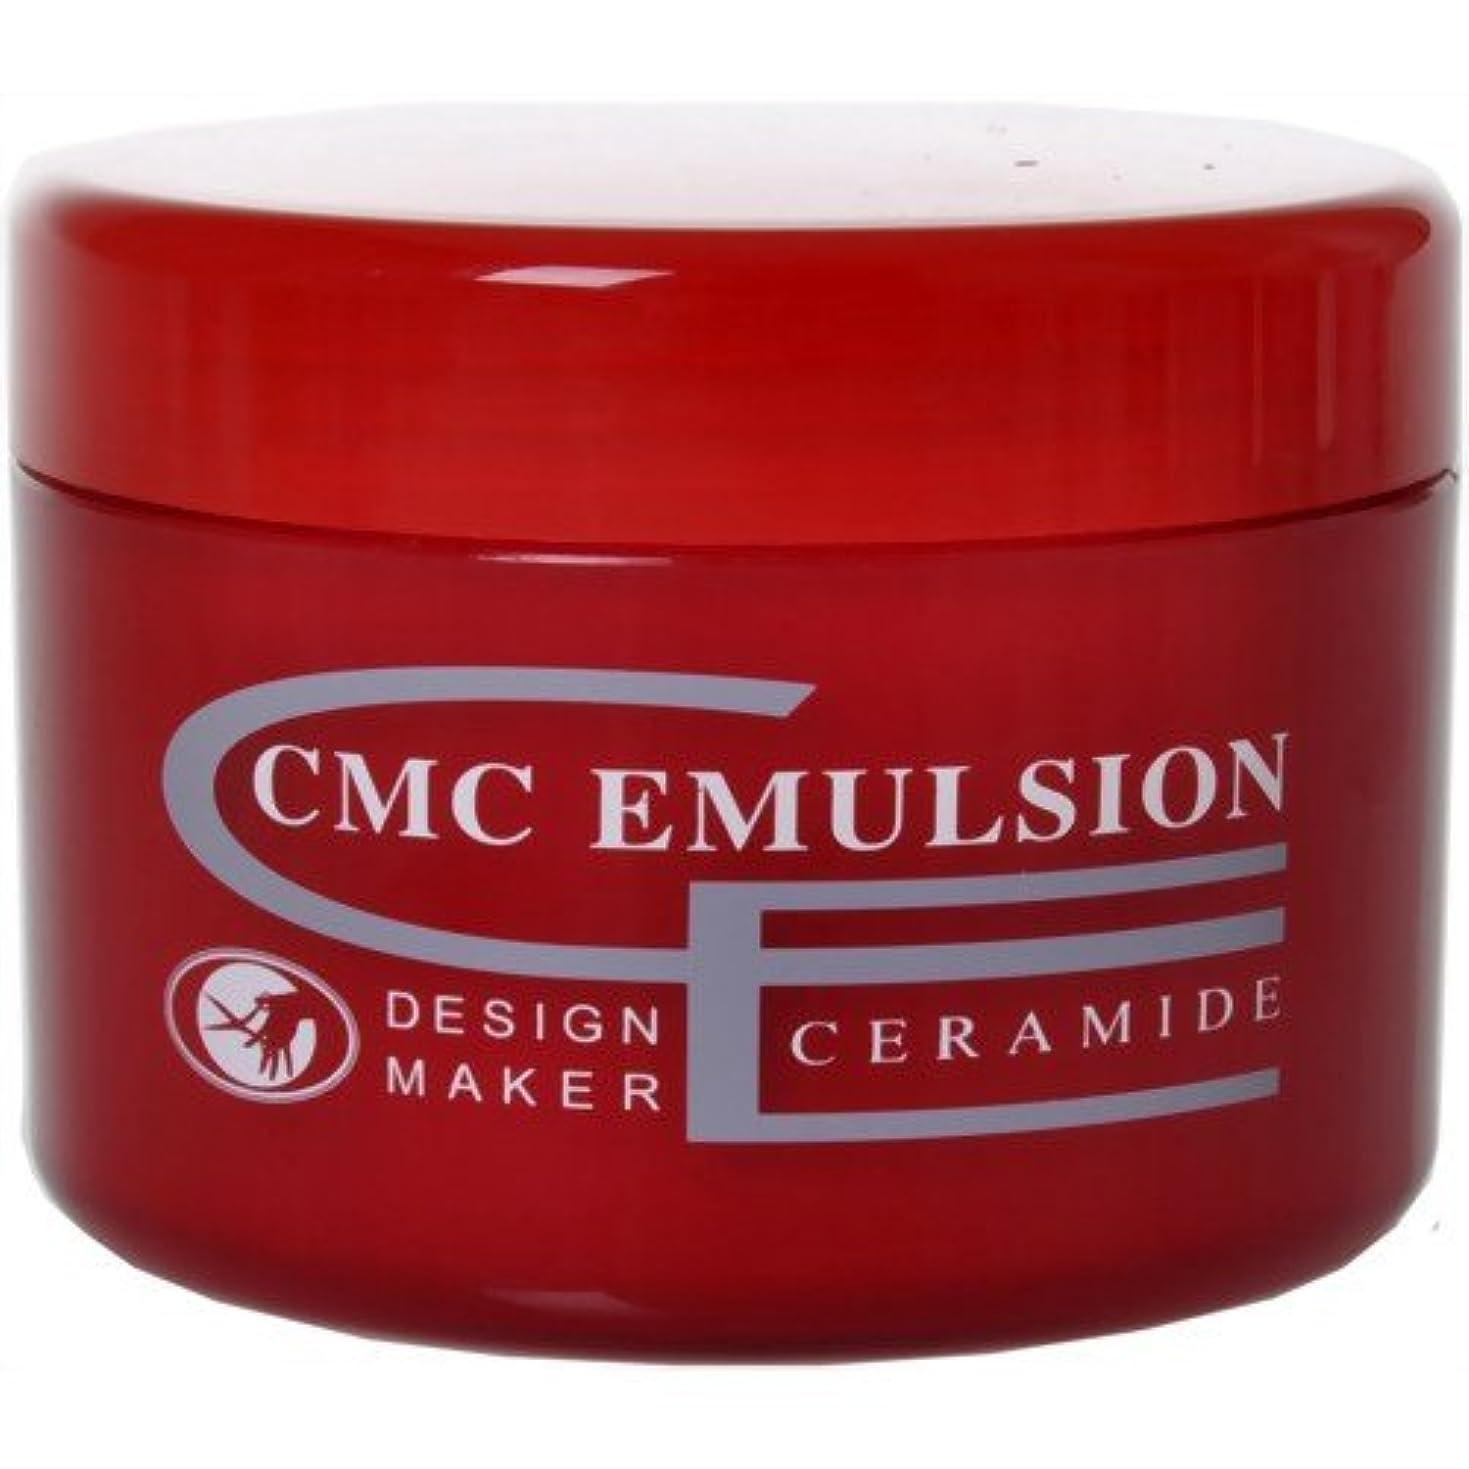 矢印抑止する呼吸デザインメーカー CMCエマルジョントリートメント 200g